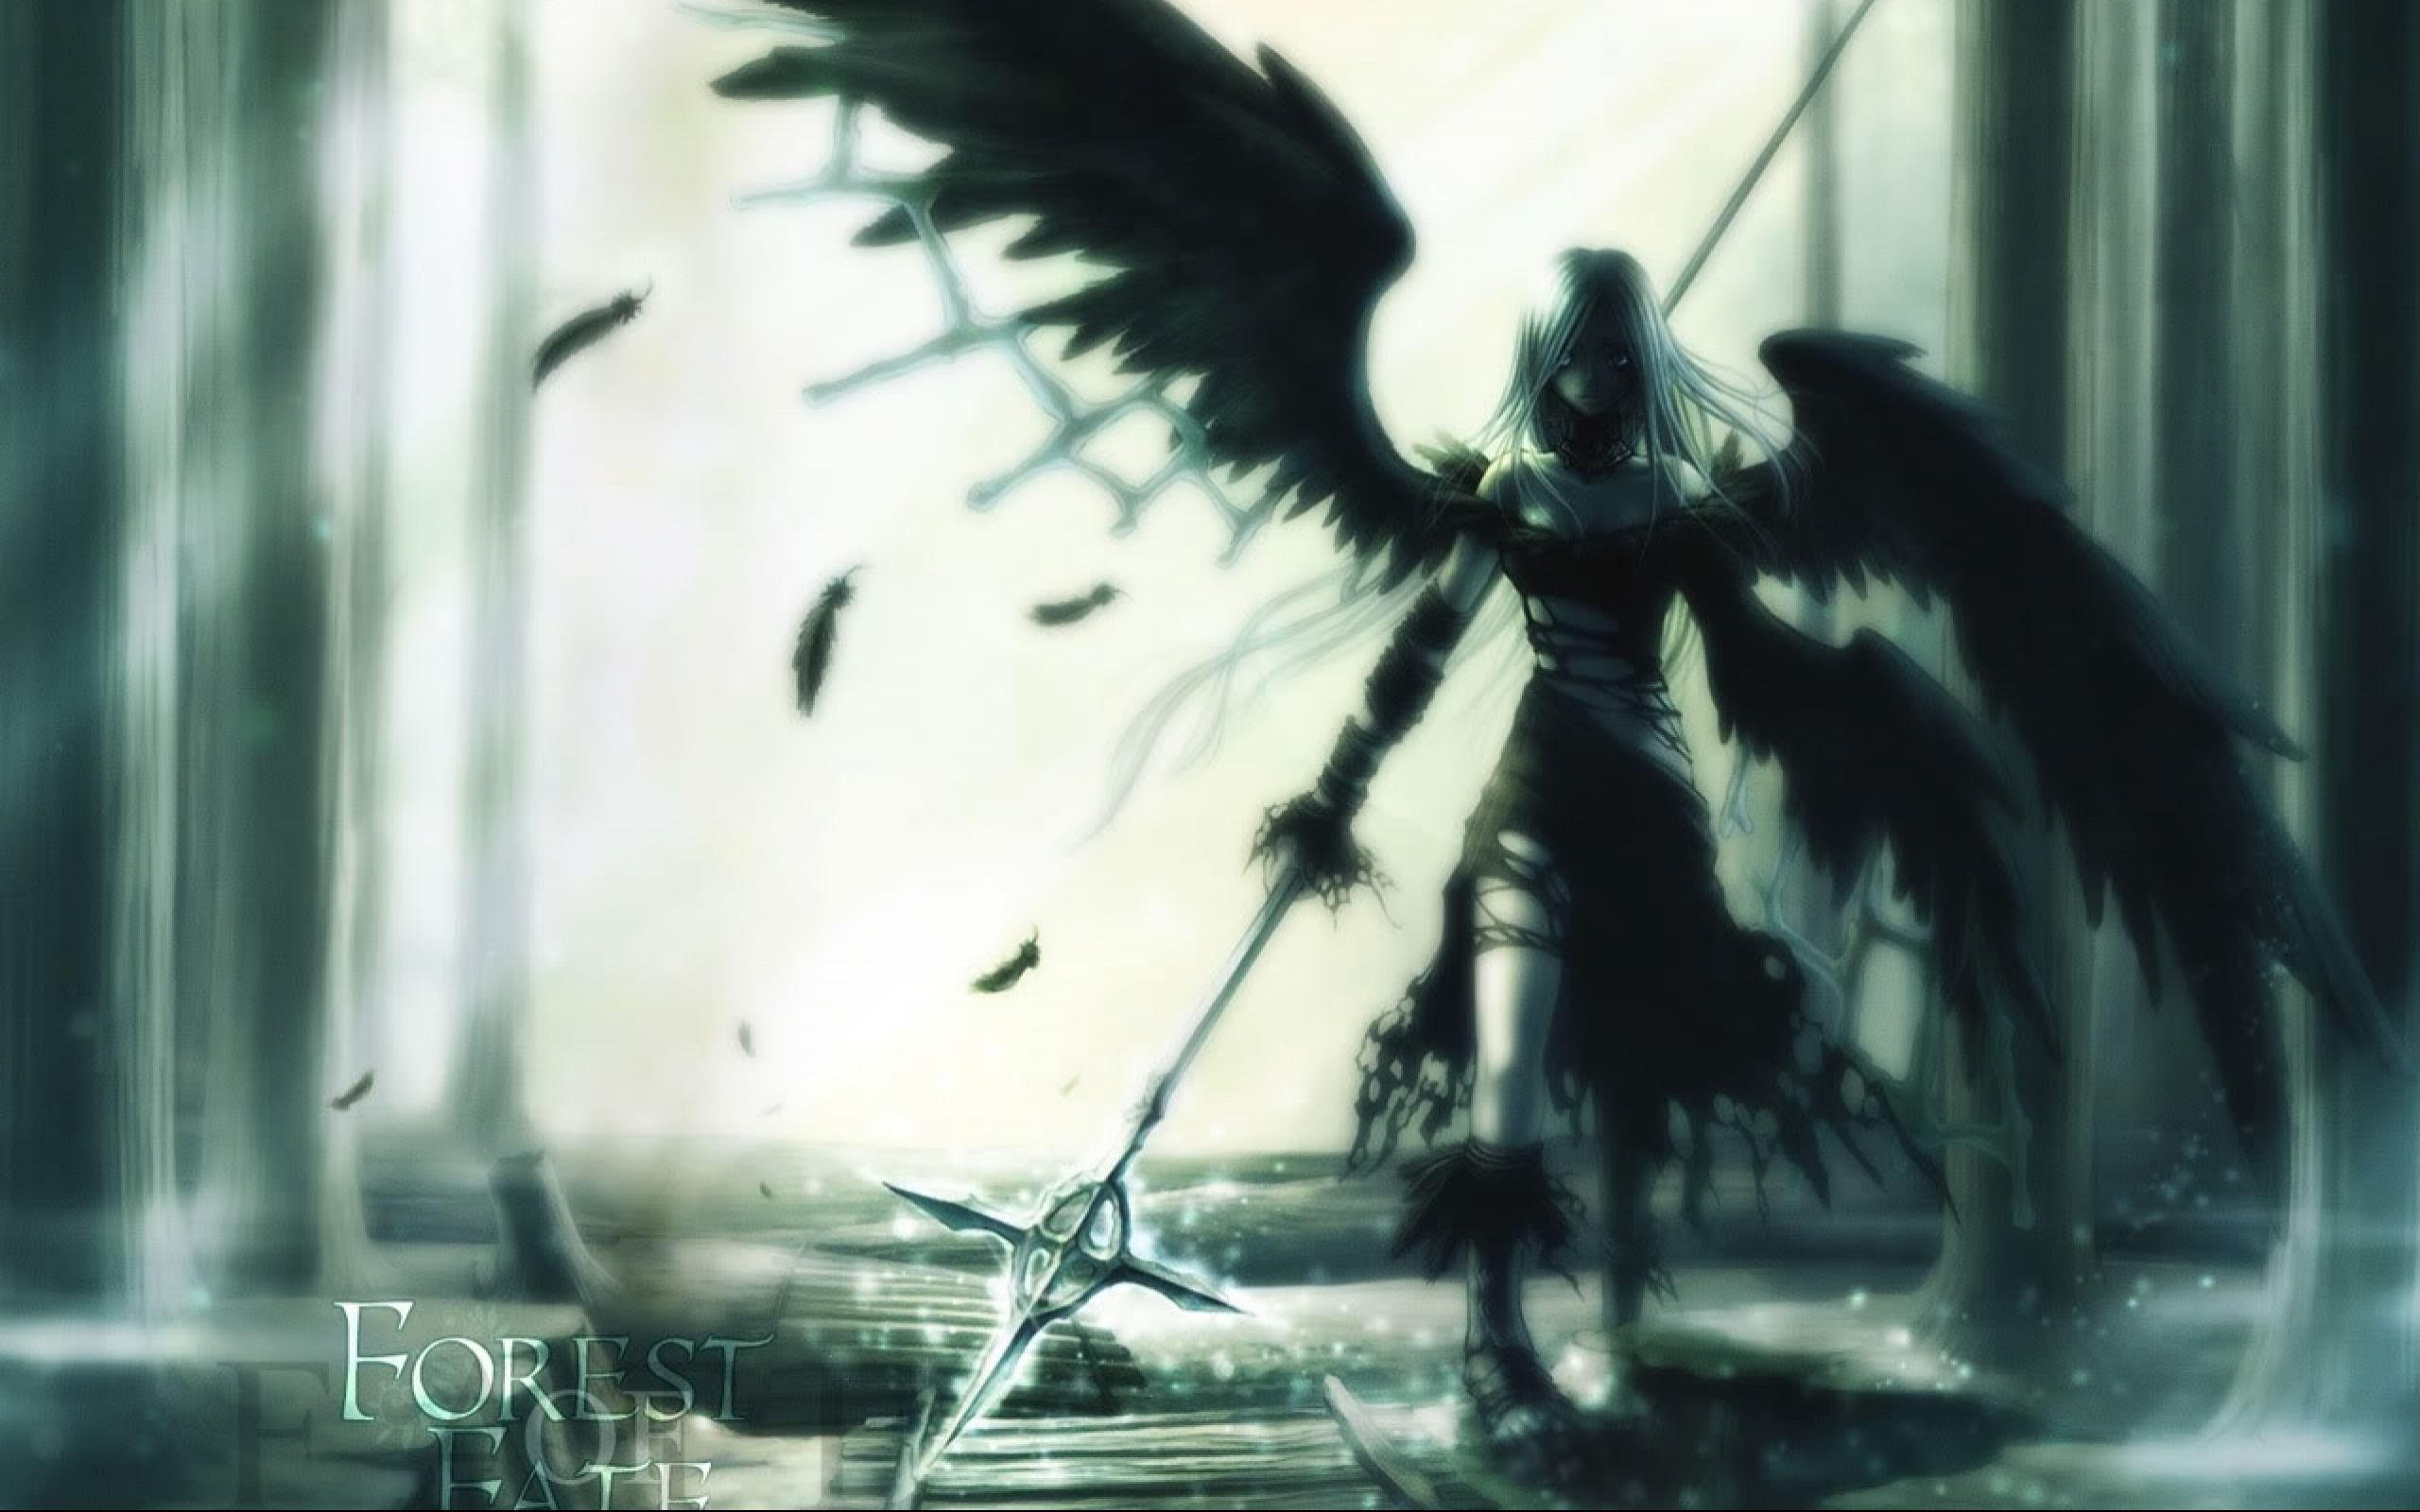 anime fallen angel | Anime | Pinterest